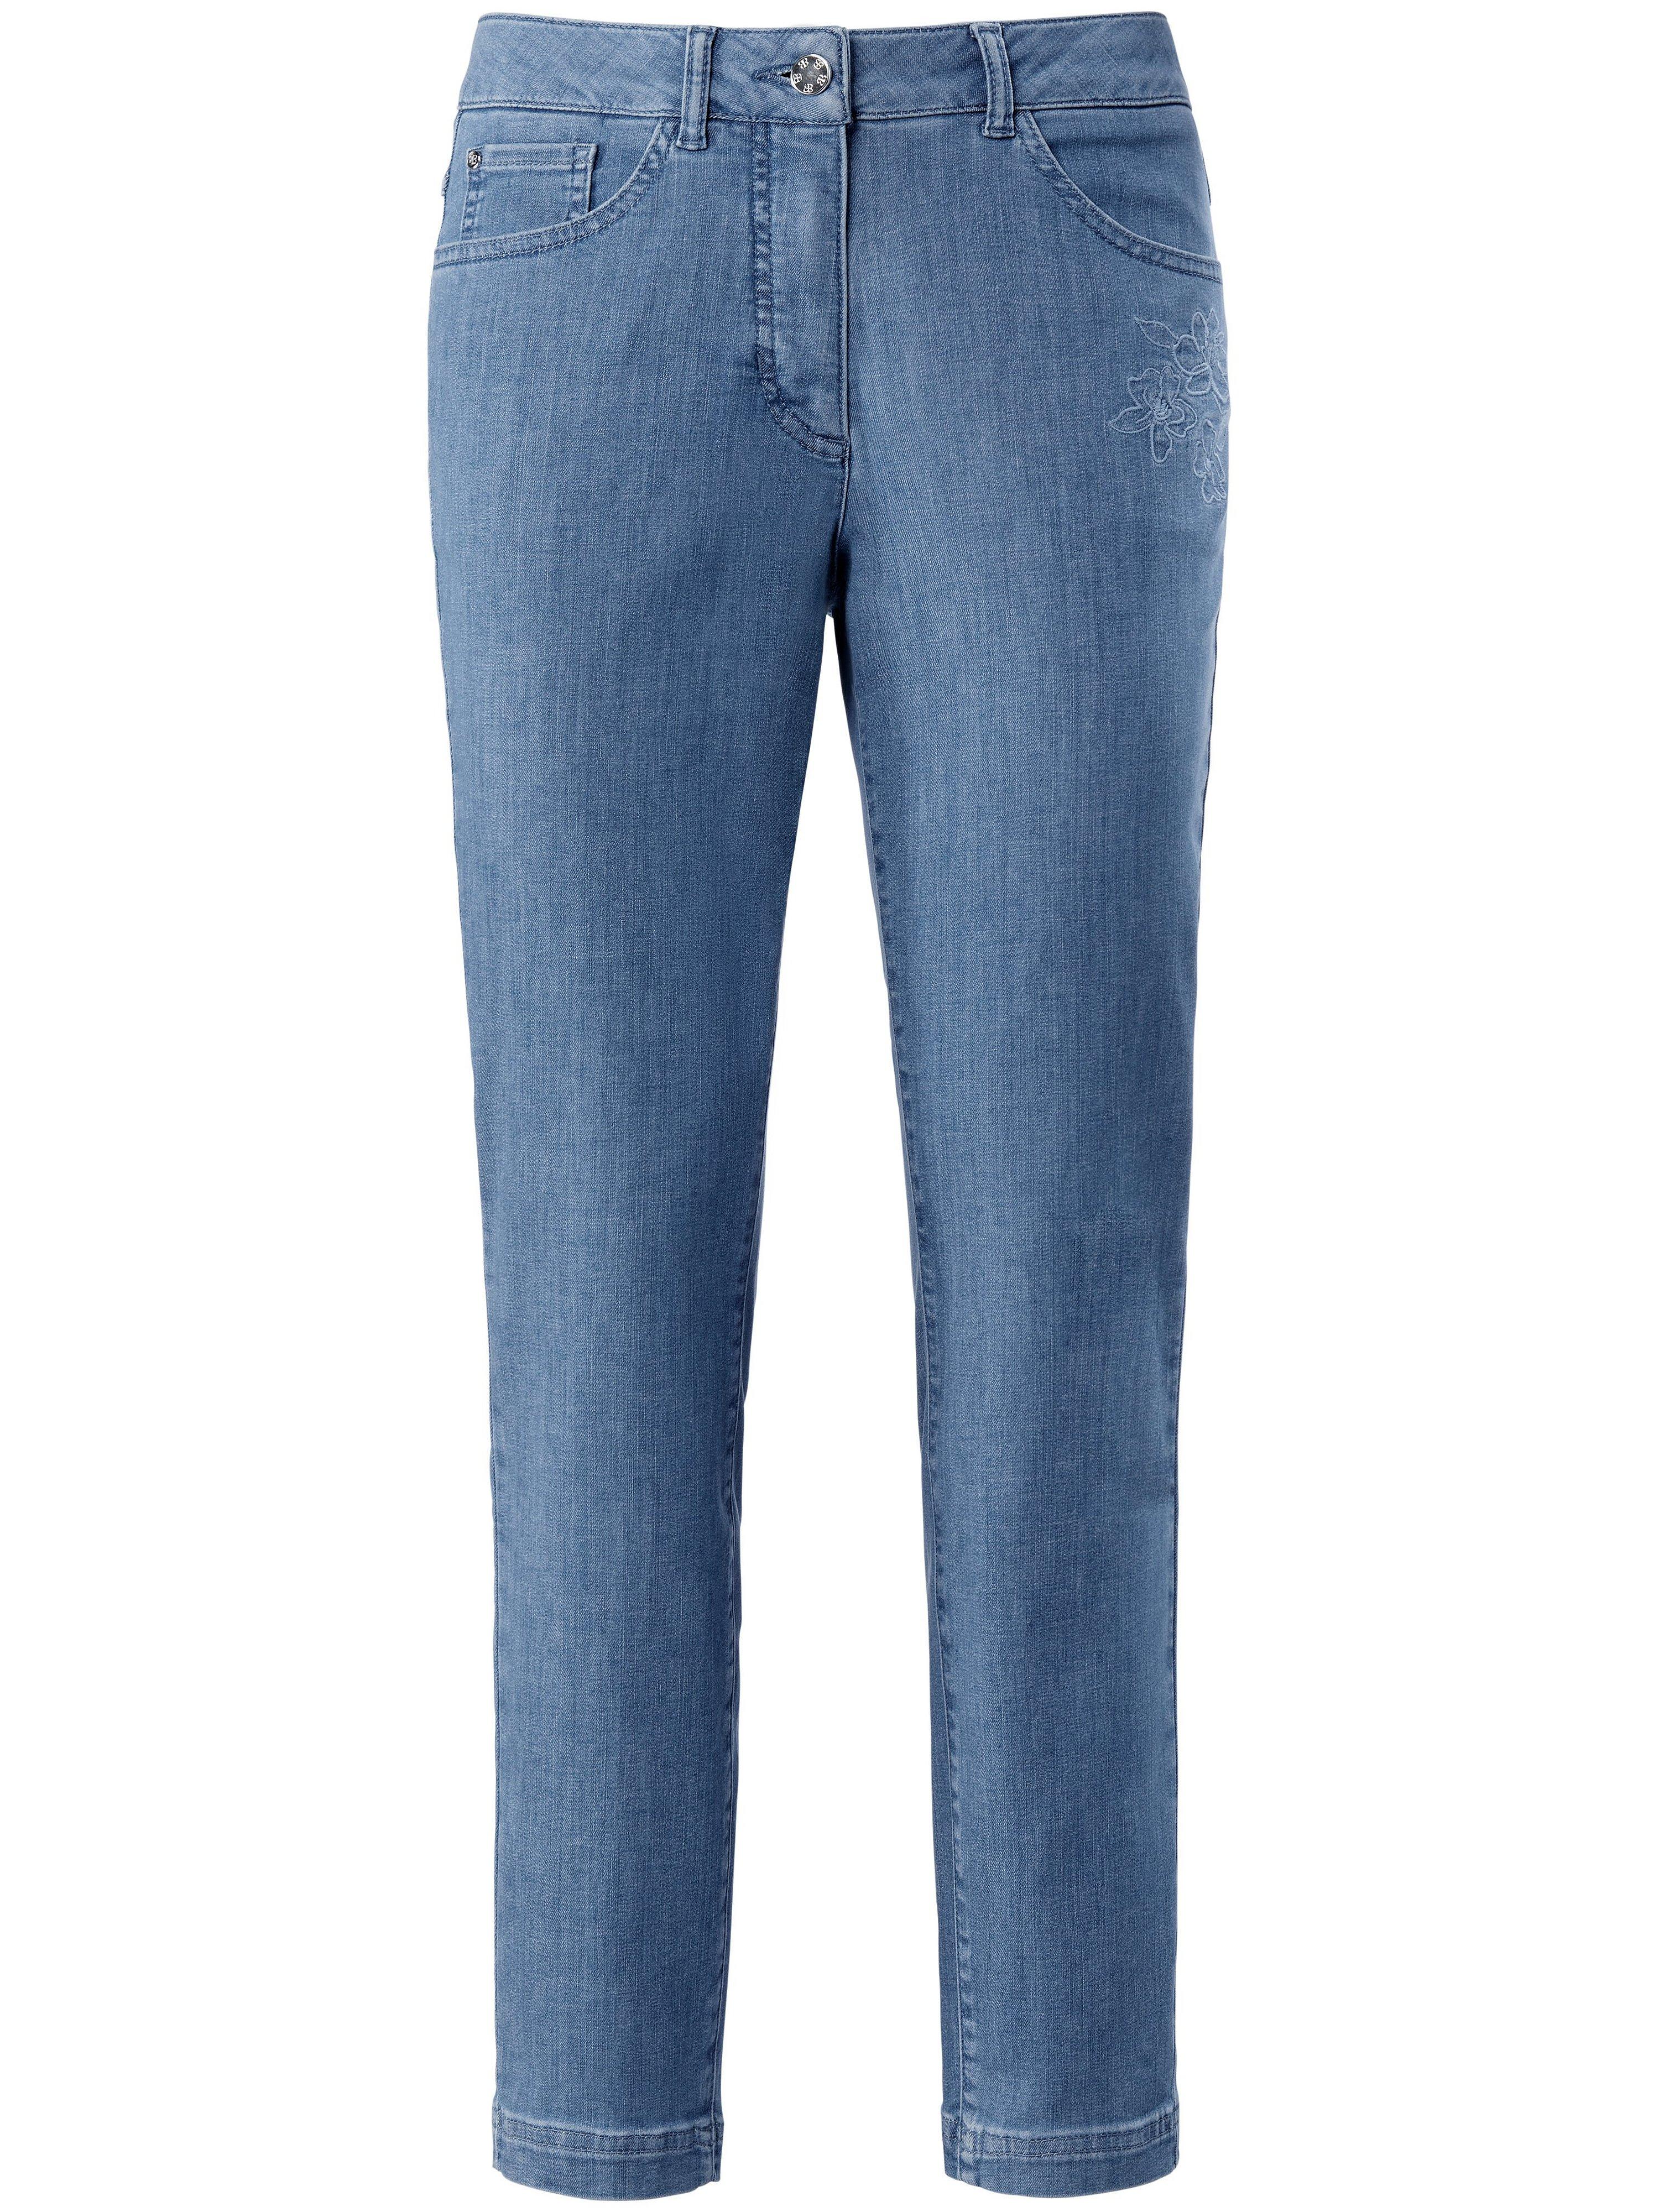 Enkellange jeans model Julienne Van Basler denim